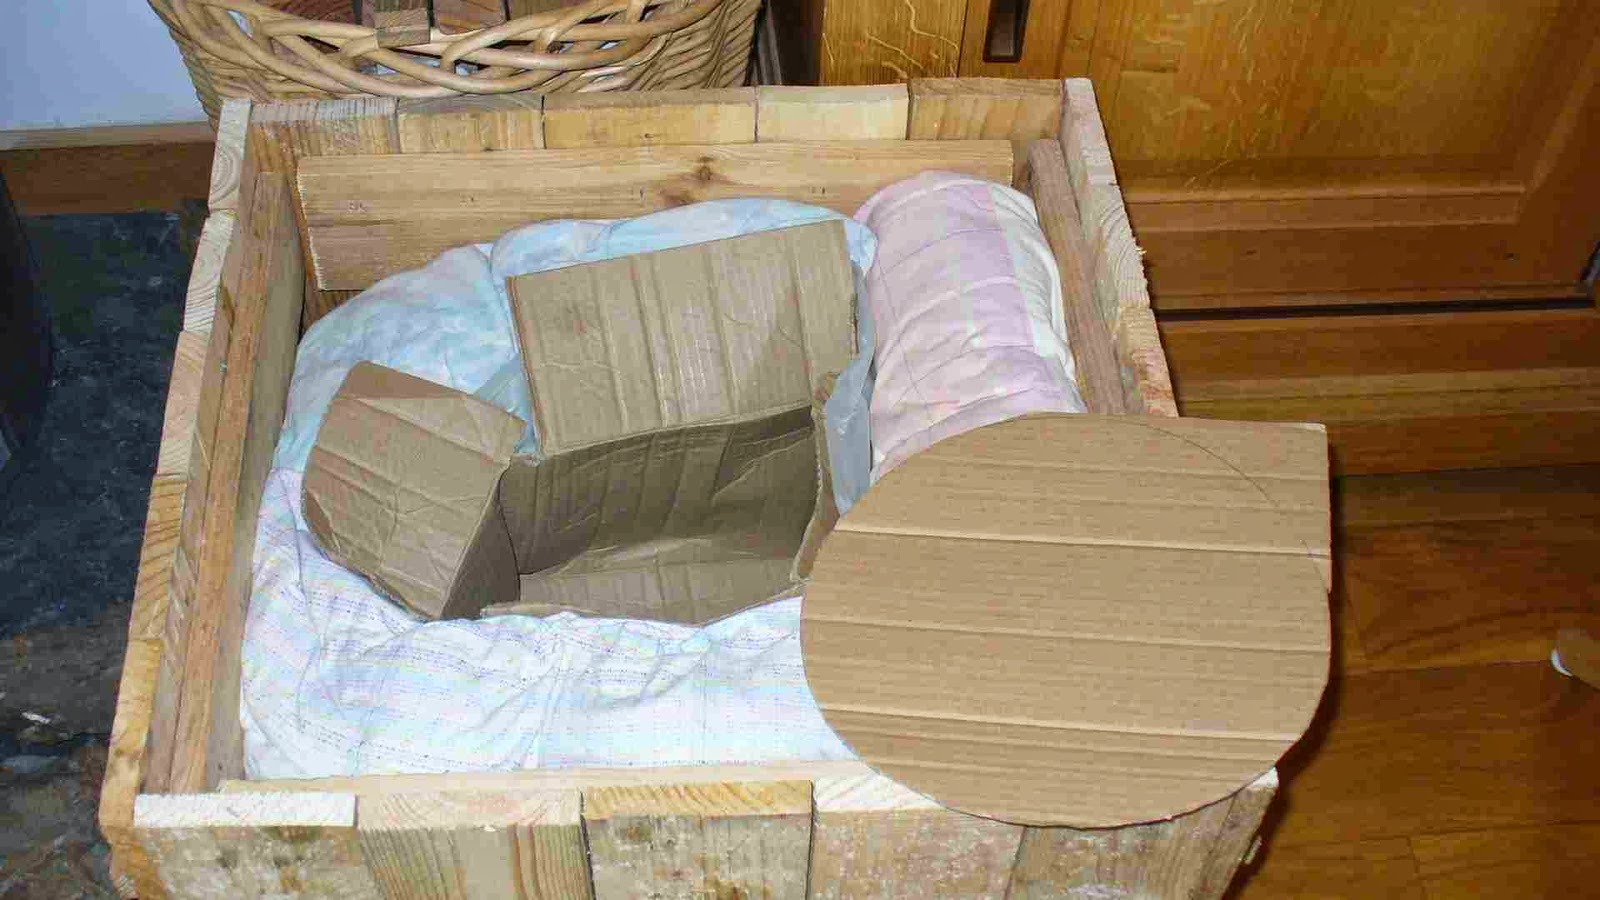 Marmite norv gienne mon amie for Isolation copeaux de bois